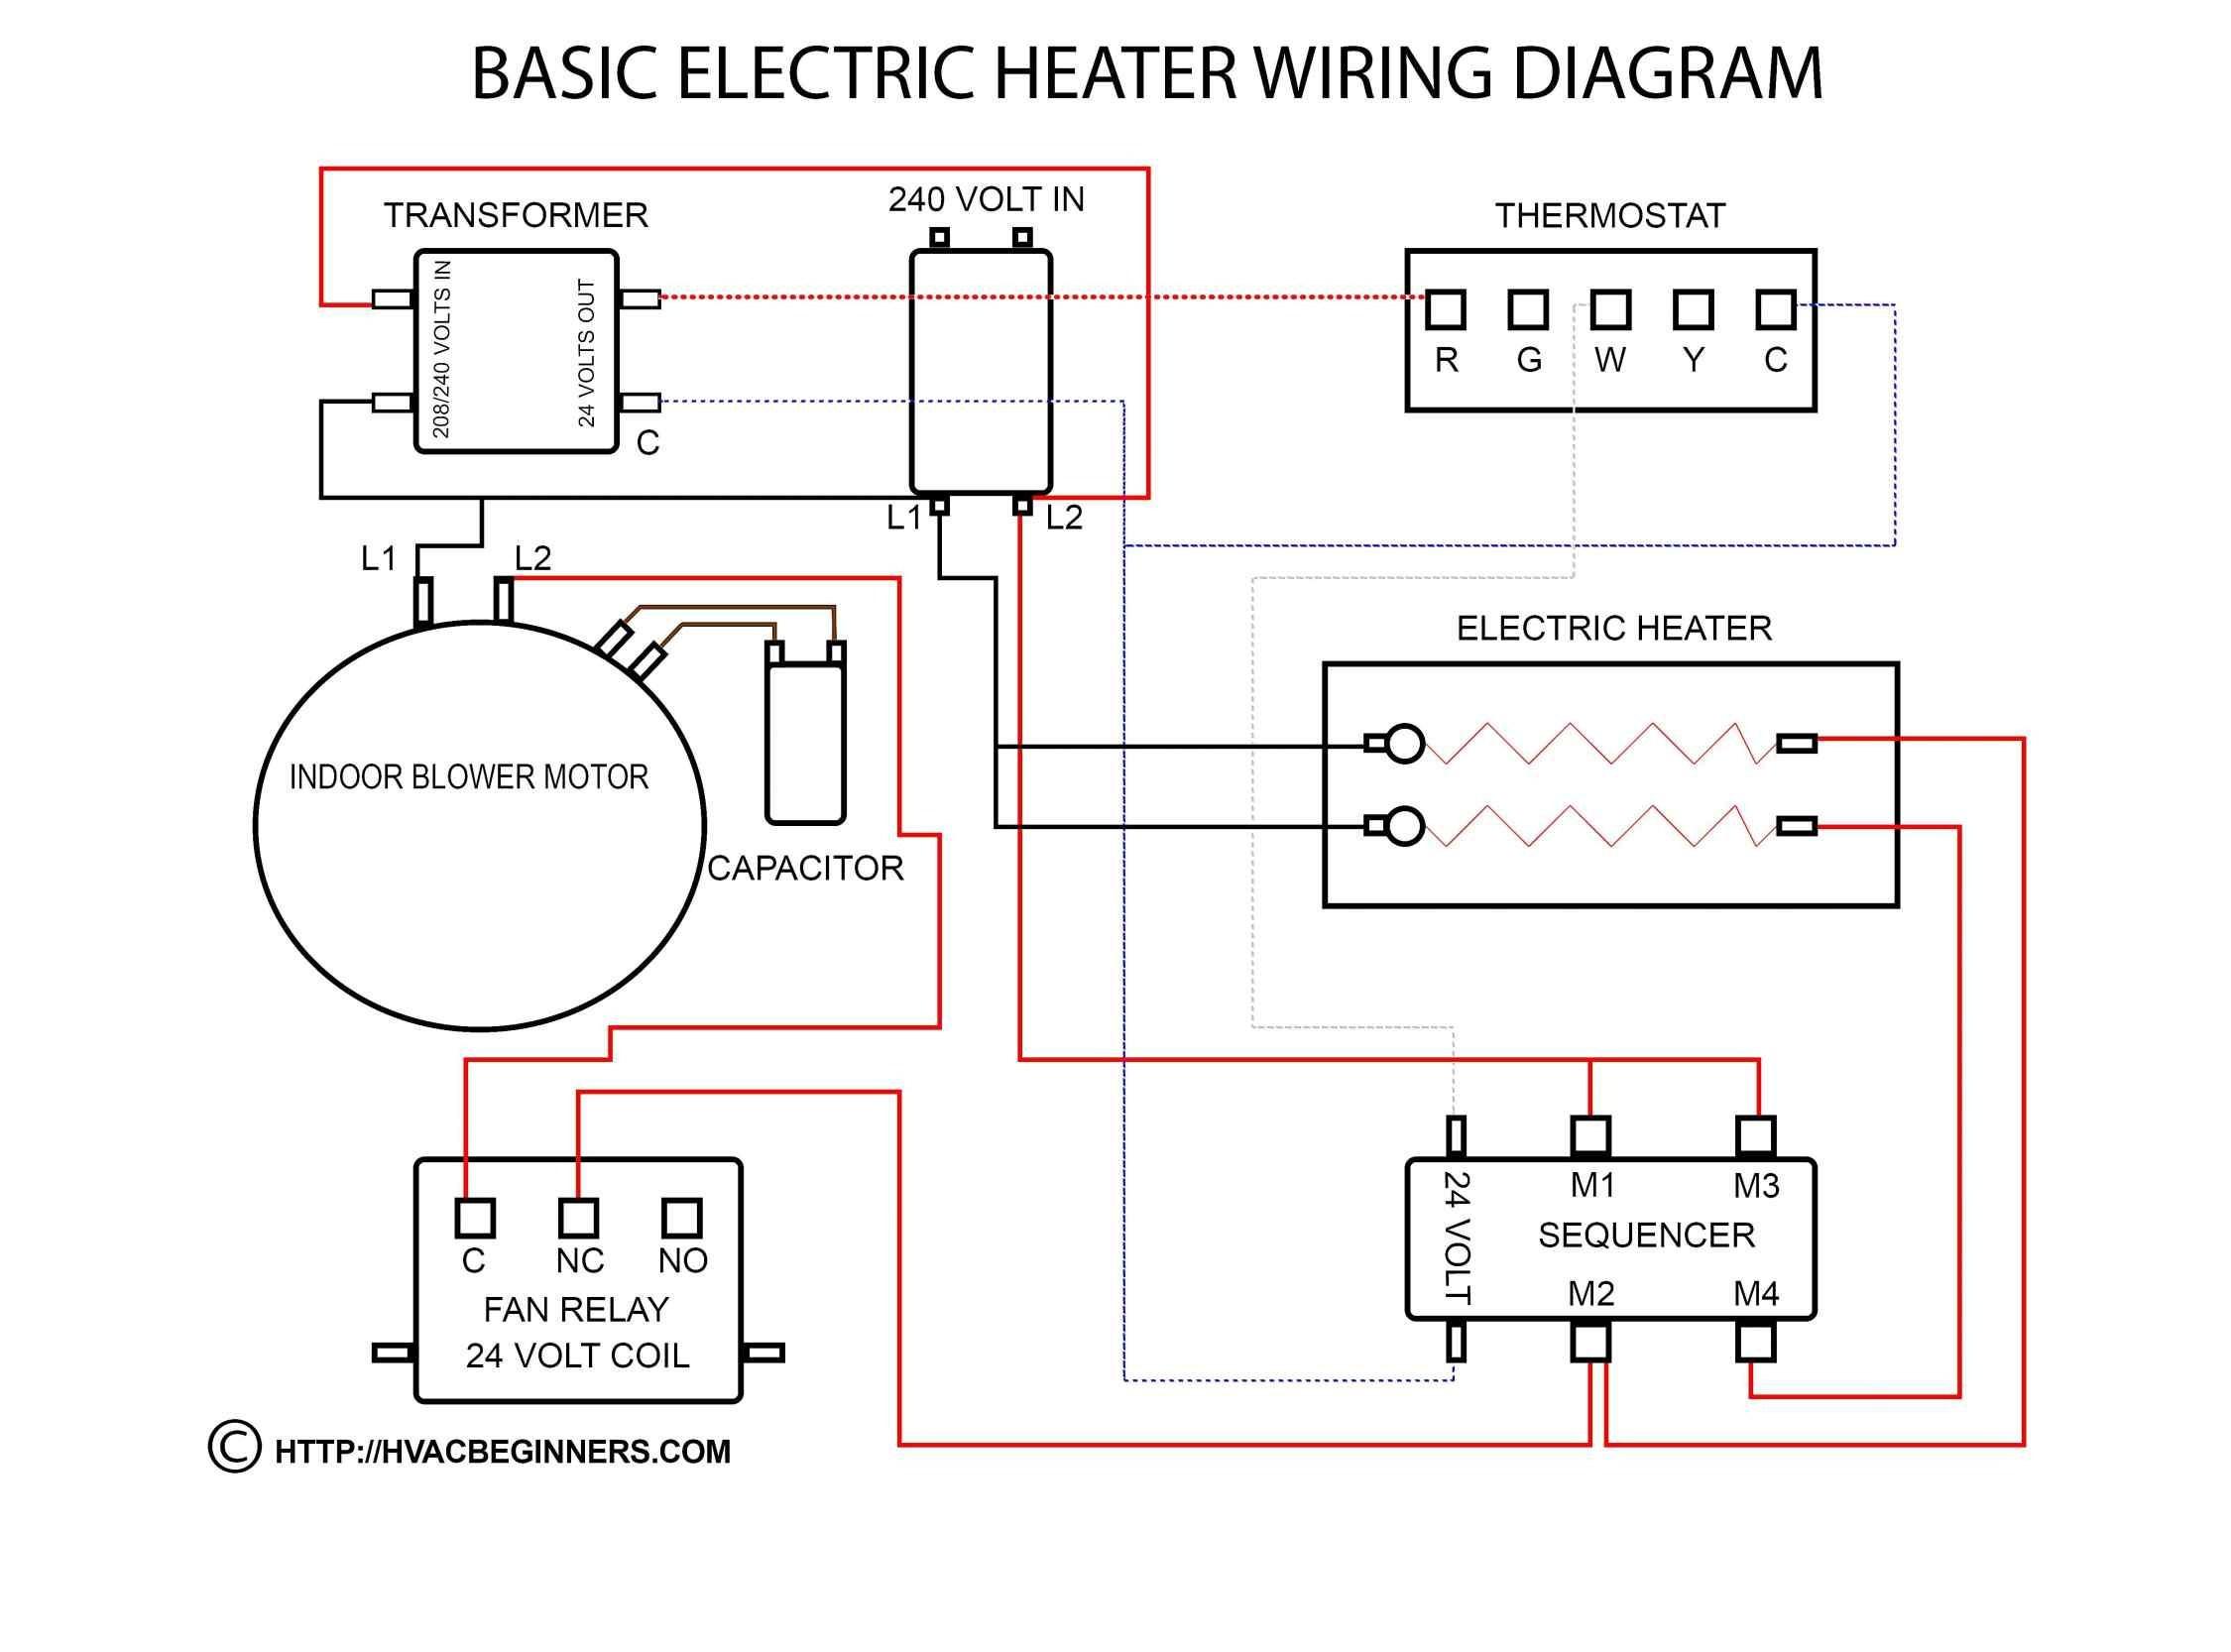 Rv Water Tank Wiring Diagram | Wiring Diagram - Electric Hot Water Heater Wiring Diagram